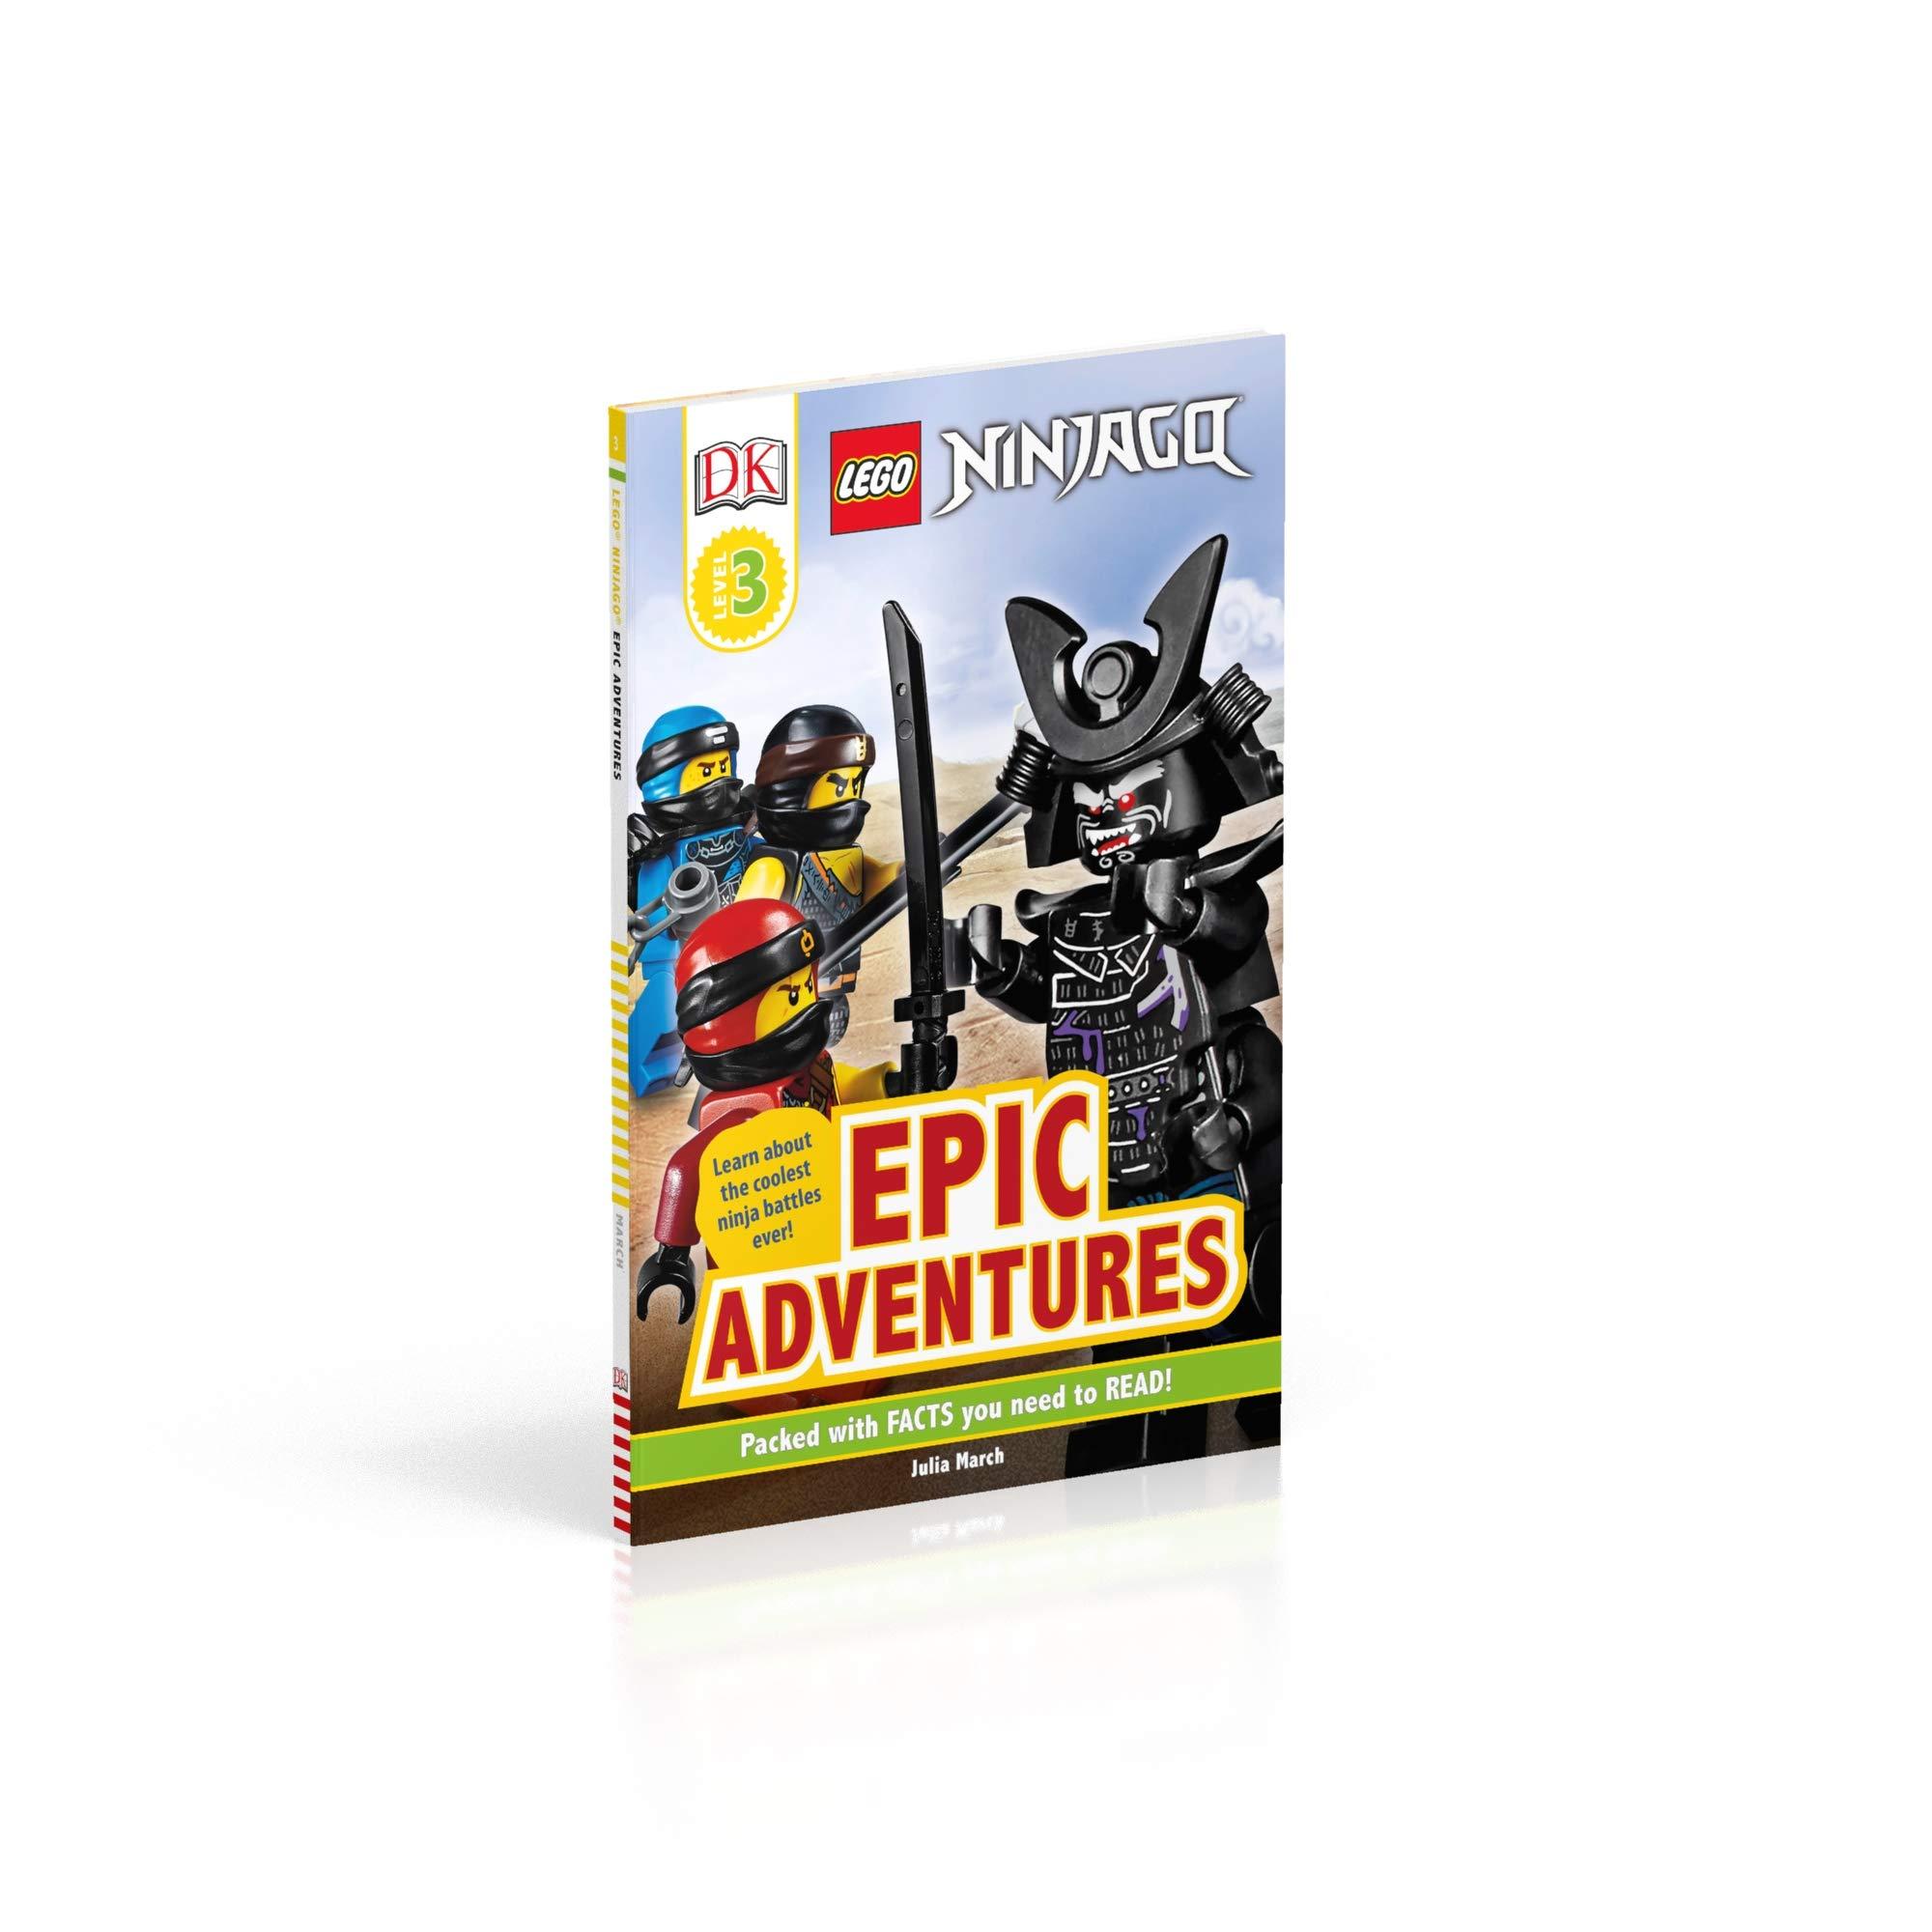 LEGO NINJAGO Epic Adventures (DK Readers Level 3): Amazon.es ...